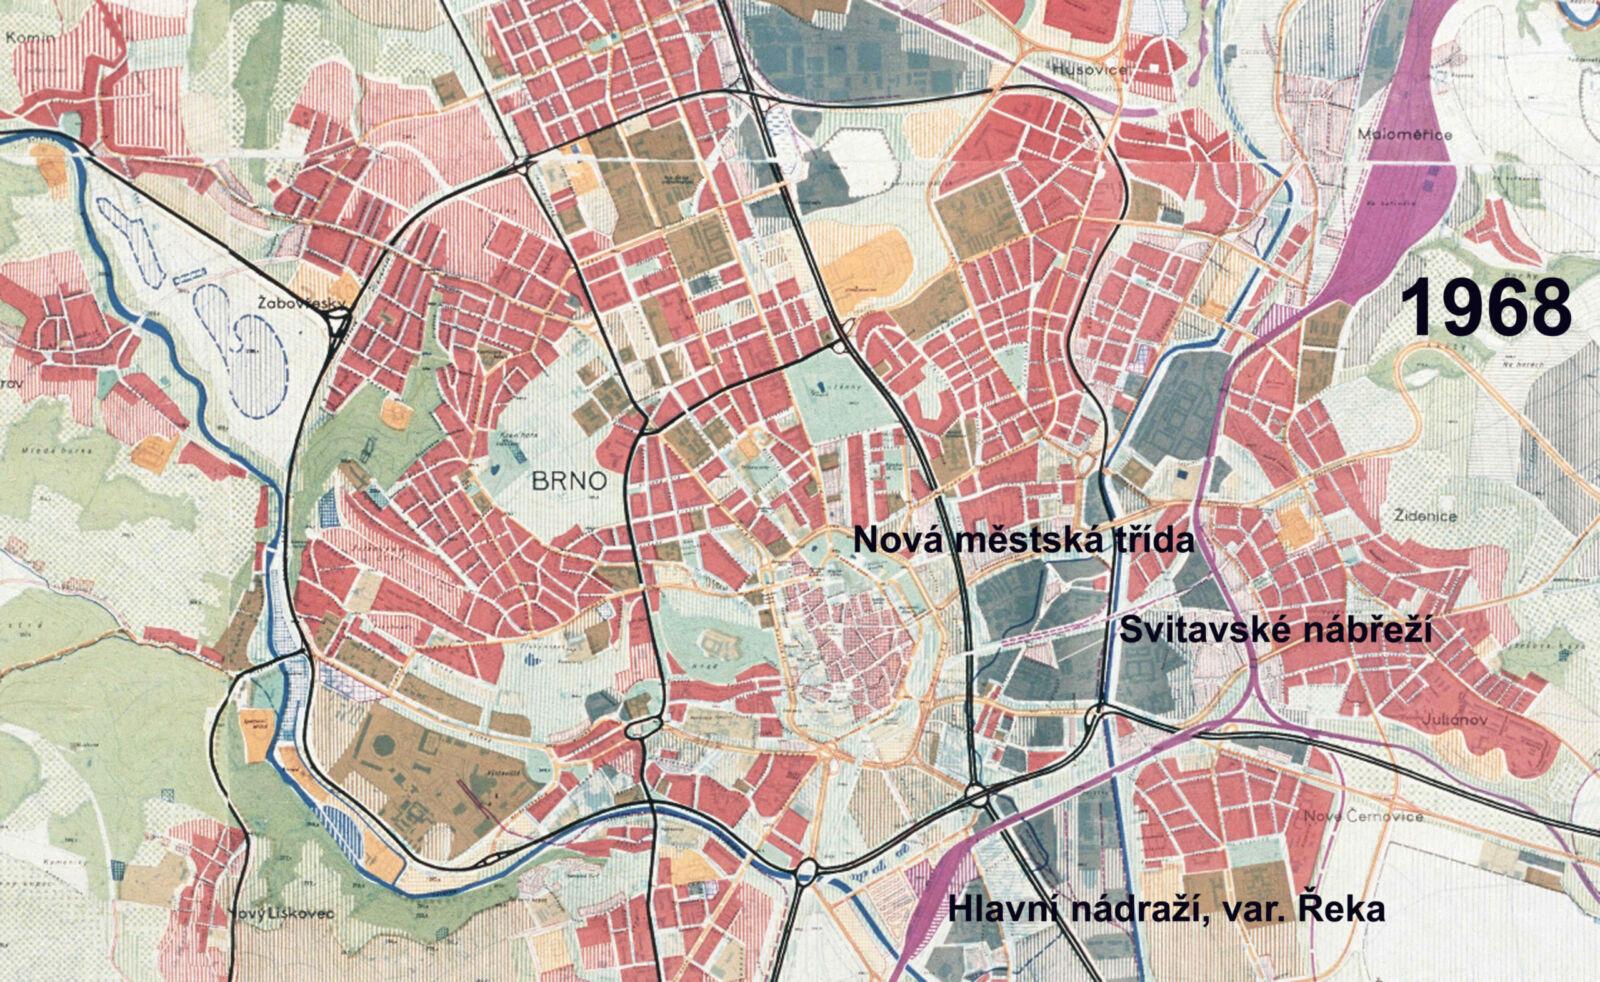 Územní plánměsta Brna z roku 1968